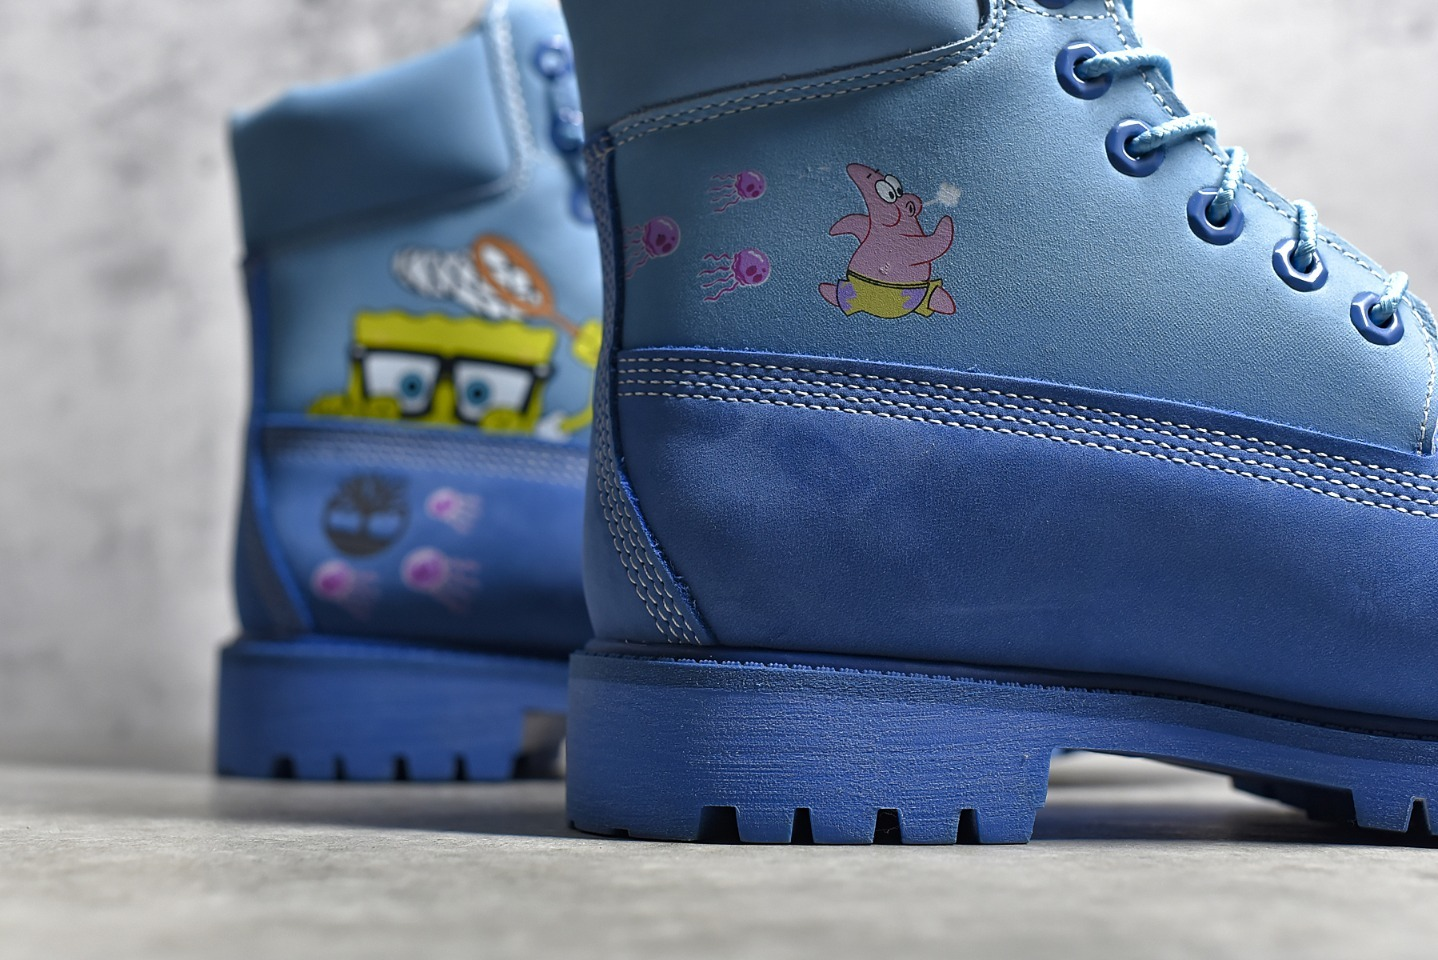 天伯伦海绵宝宝联名 Timberland X SpongeBob SquarePants 添柏岚蓝色高帮马丁靴高品质-潮流者之家